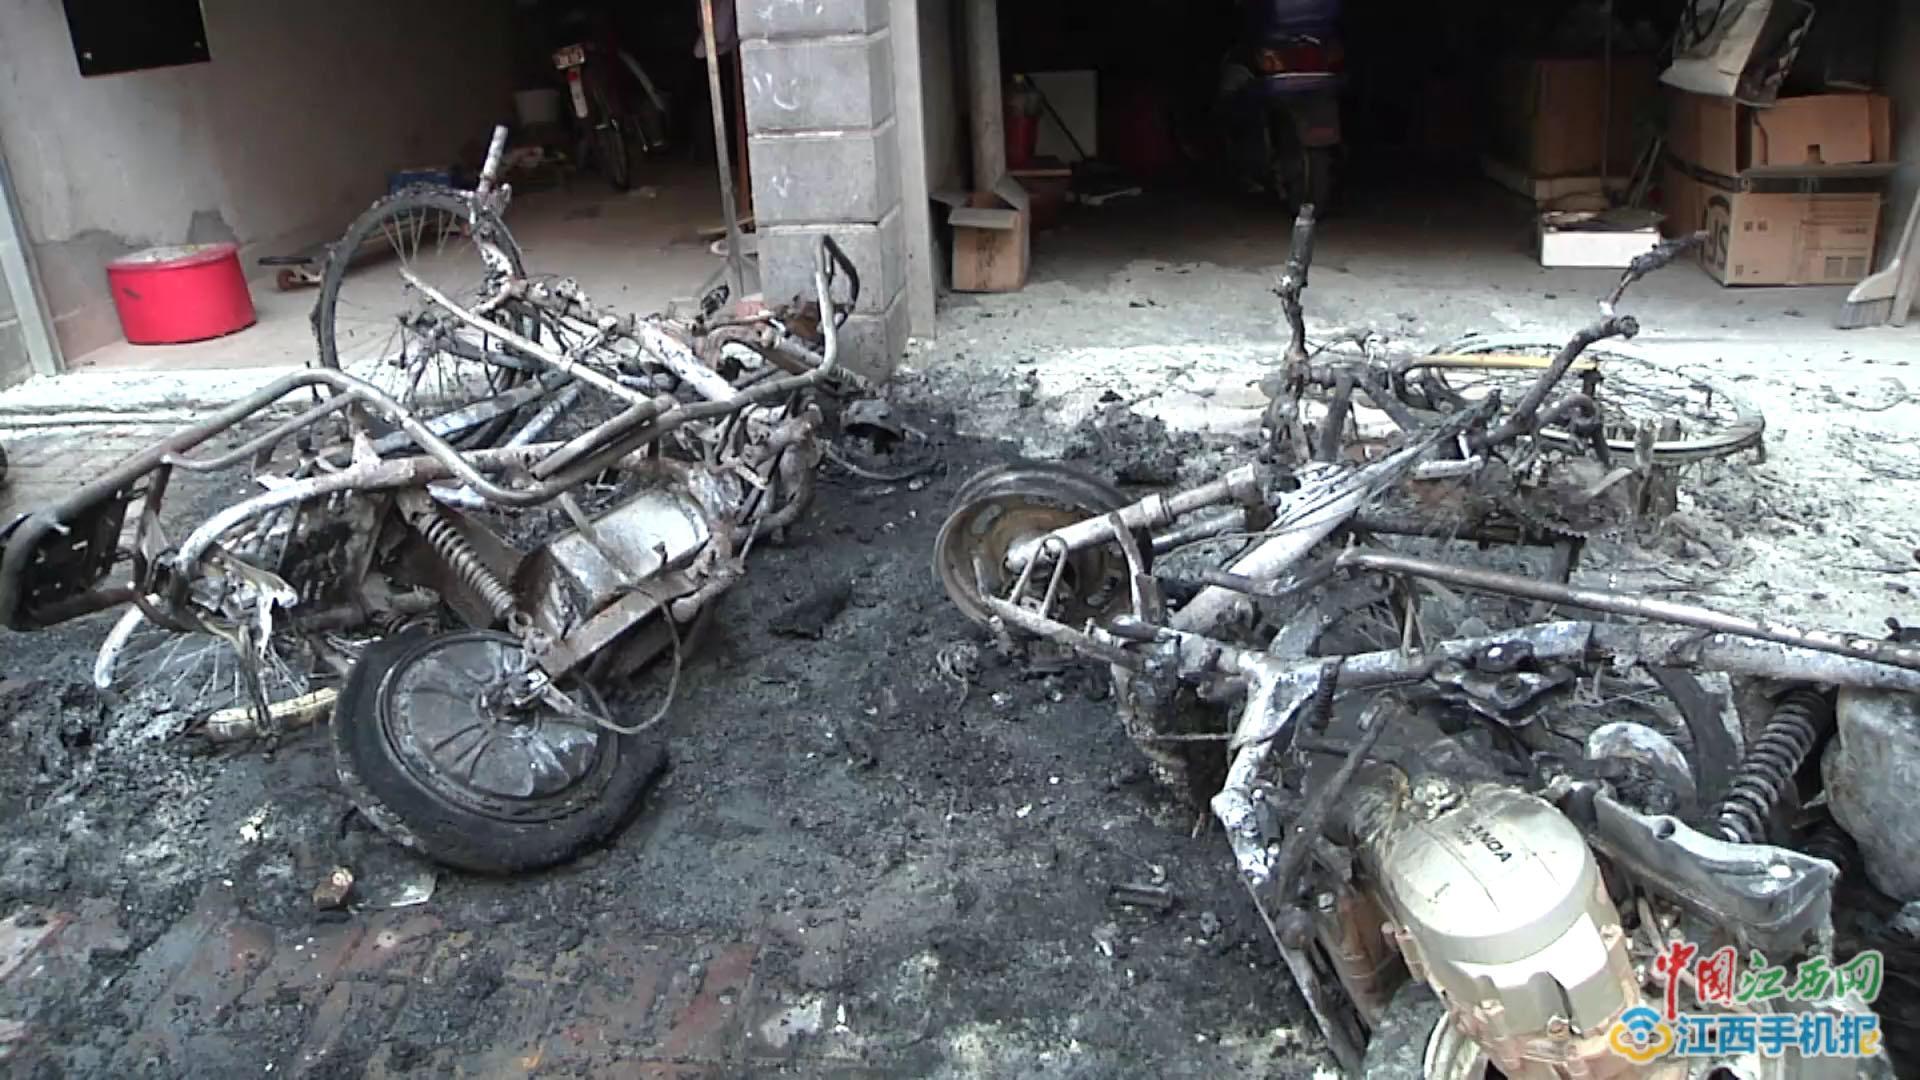 居民给电动车充电,结果引起大火